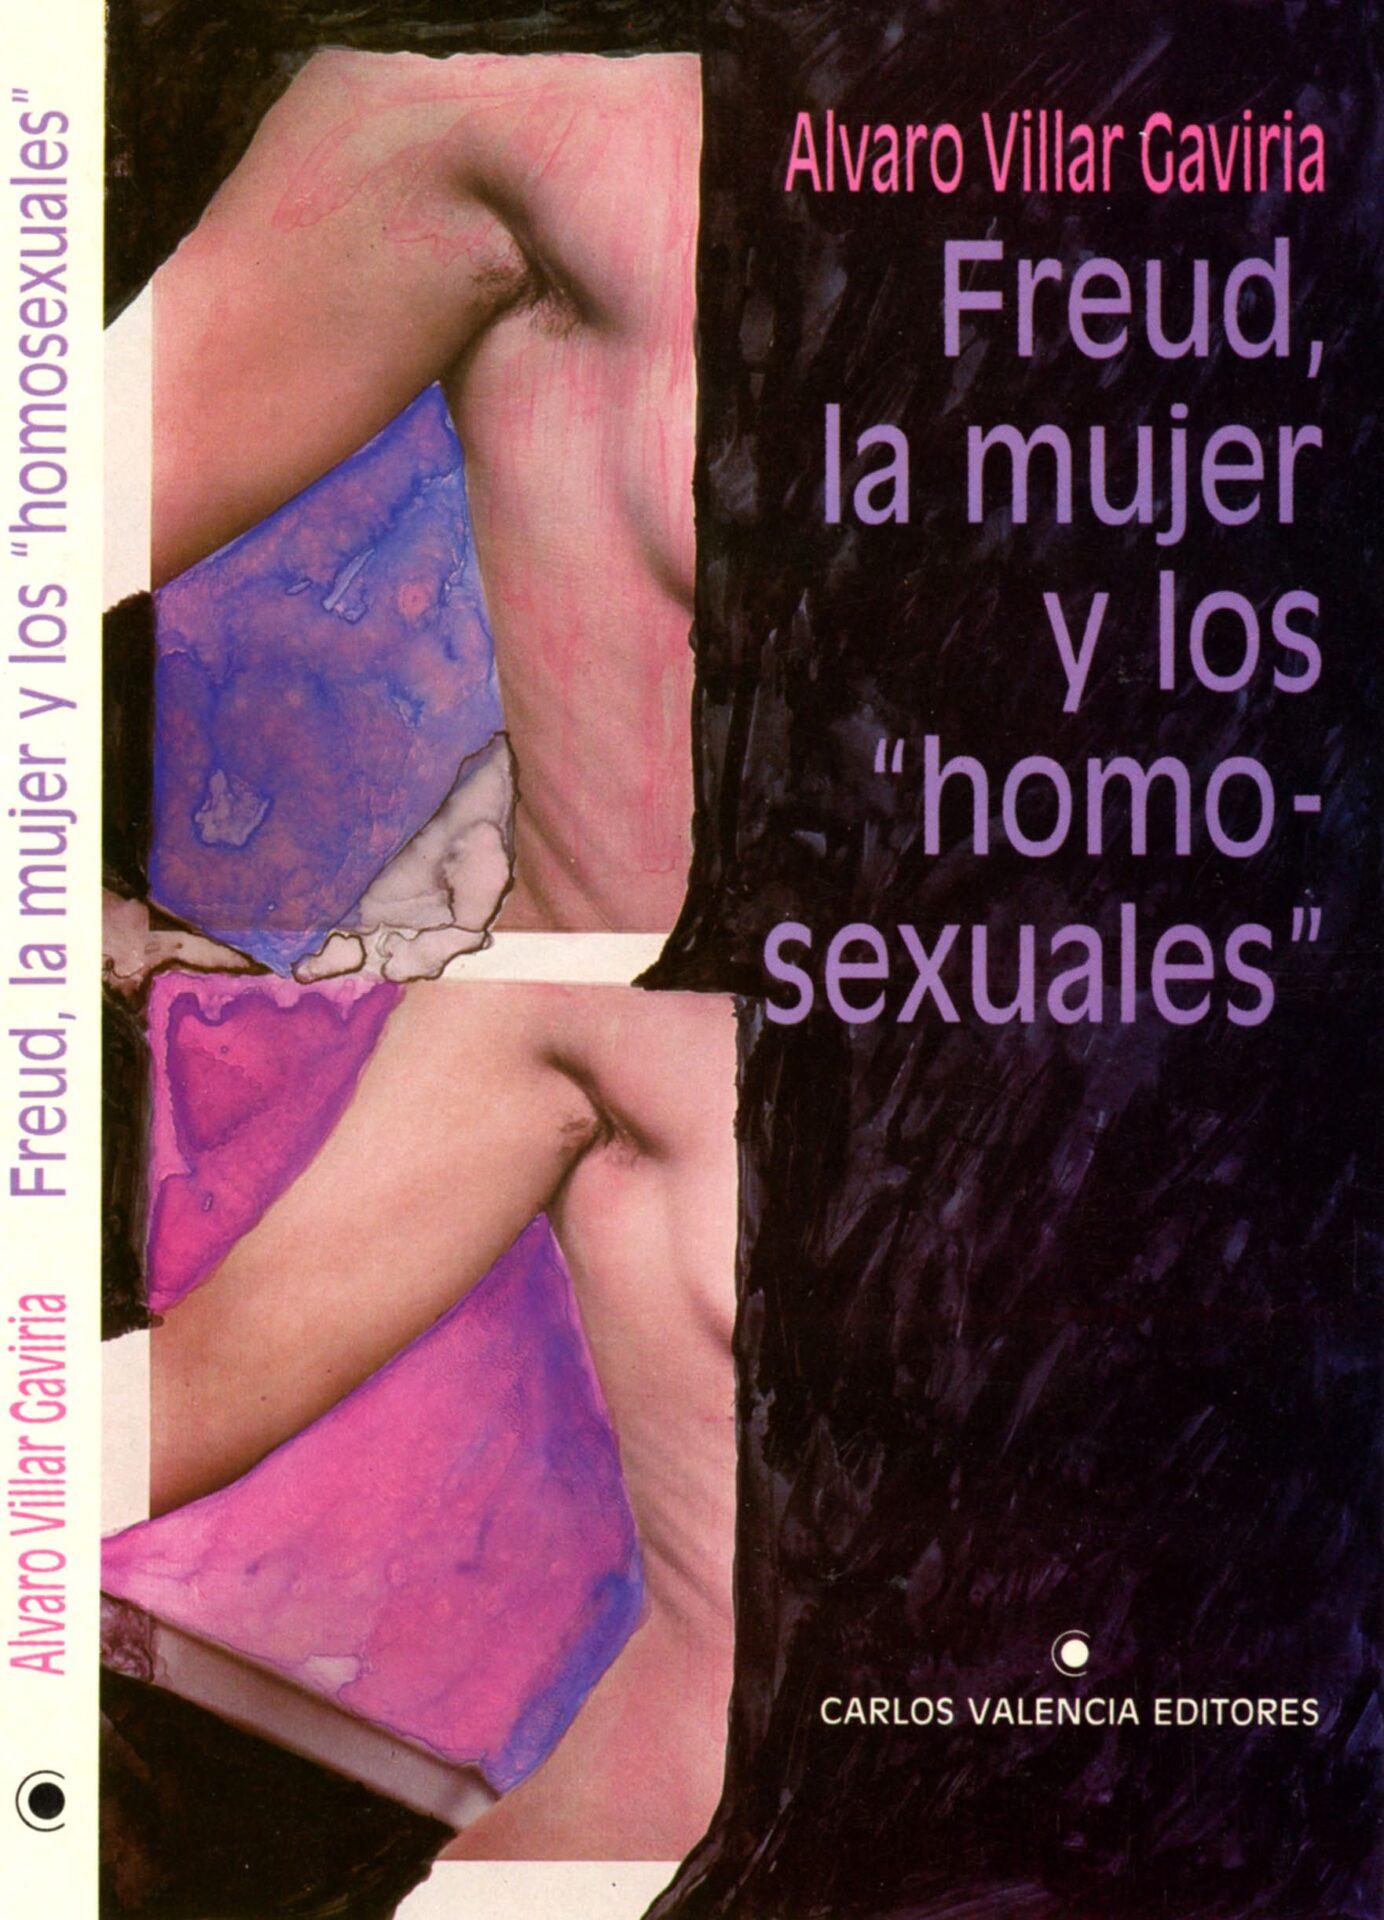 Villar Gaviria. Alvaro. Freud. La Mujer y los Homosexuales. 1st ed. Bogota. Carlos Valencia Editores. 1986